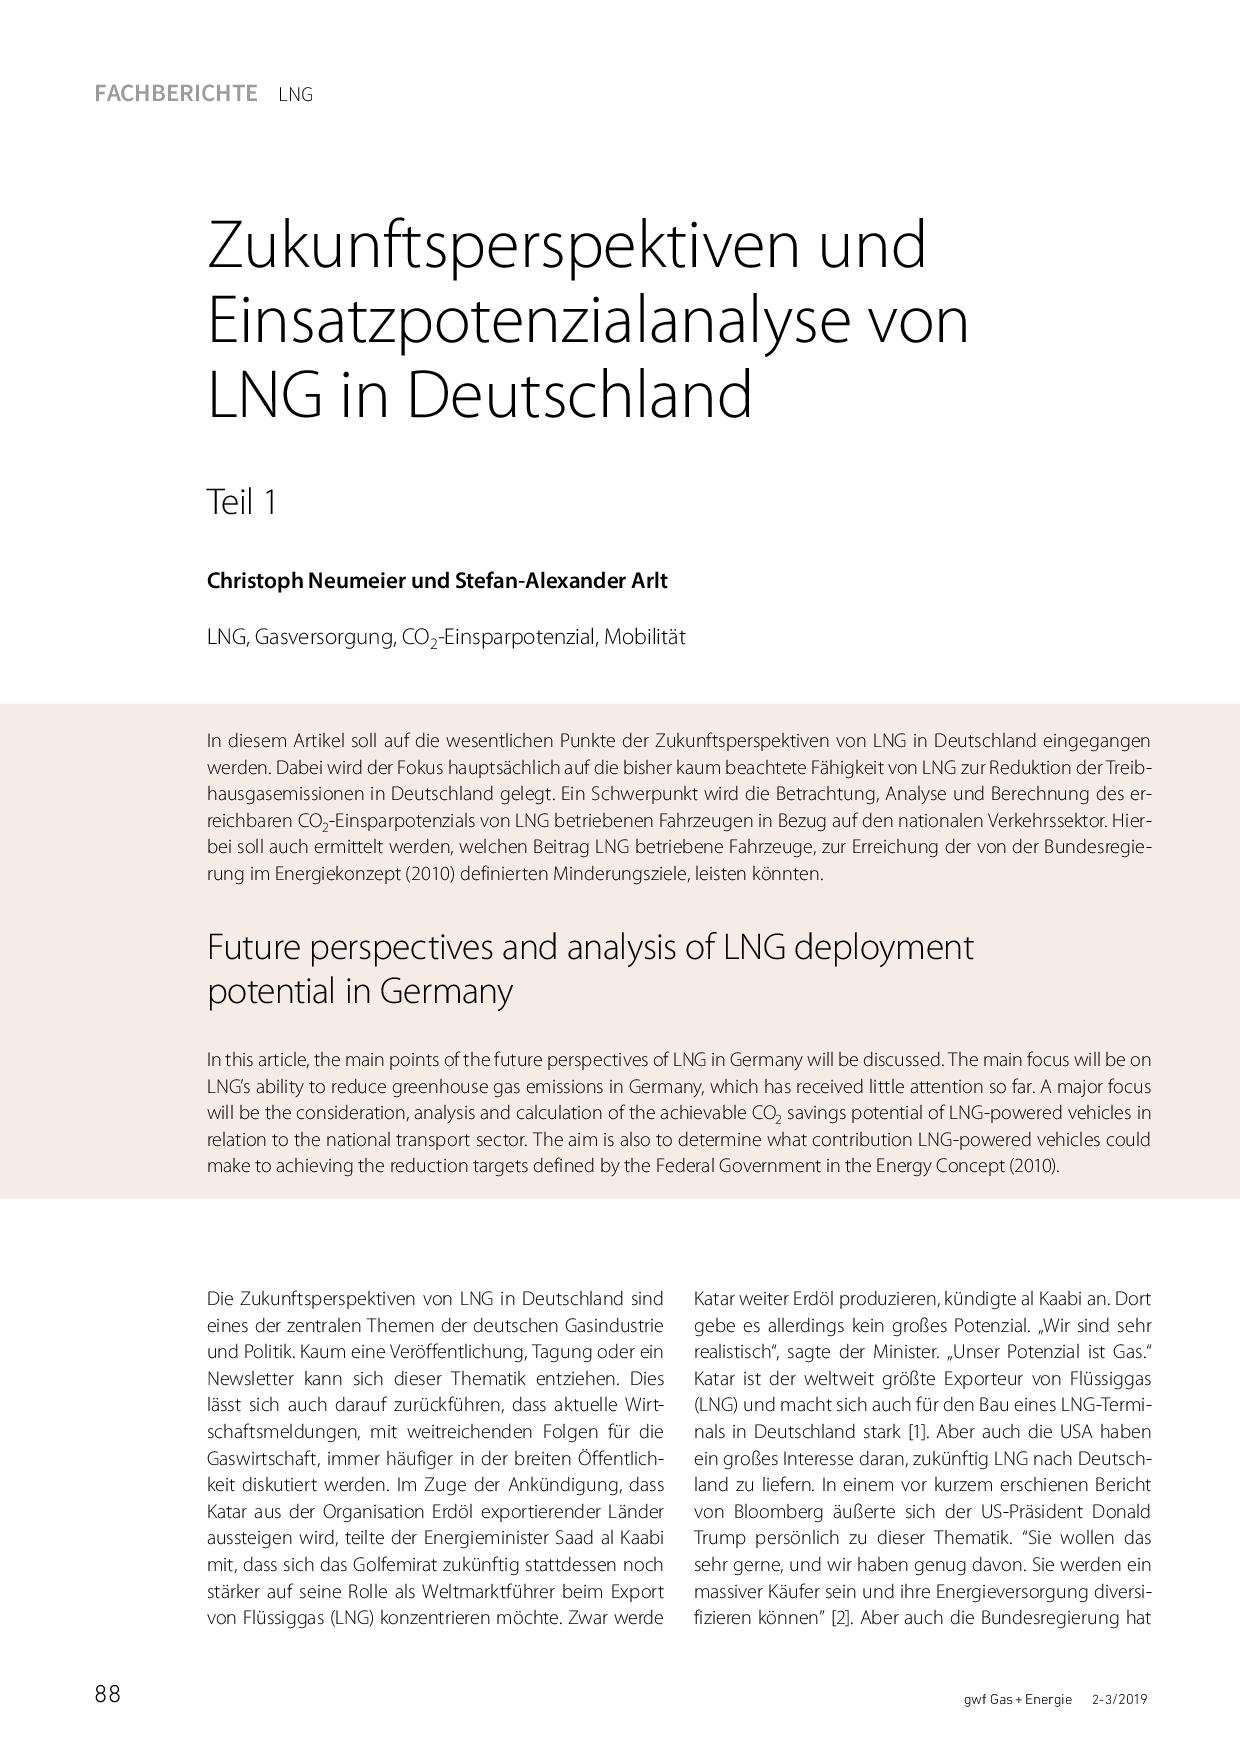 Zukunftsperspektiven und Einsatzpotenzialanalyse von LNG in Deutschland